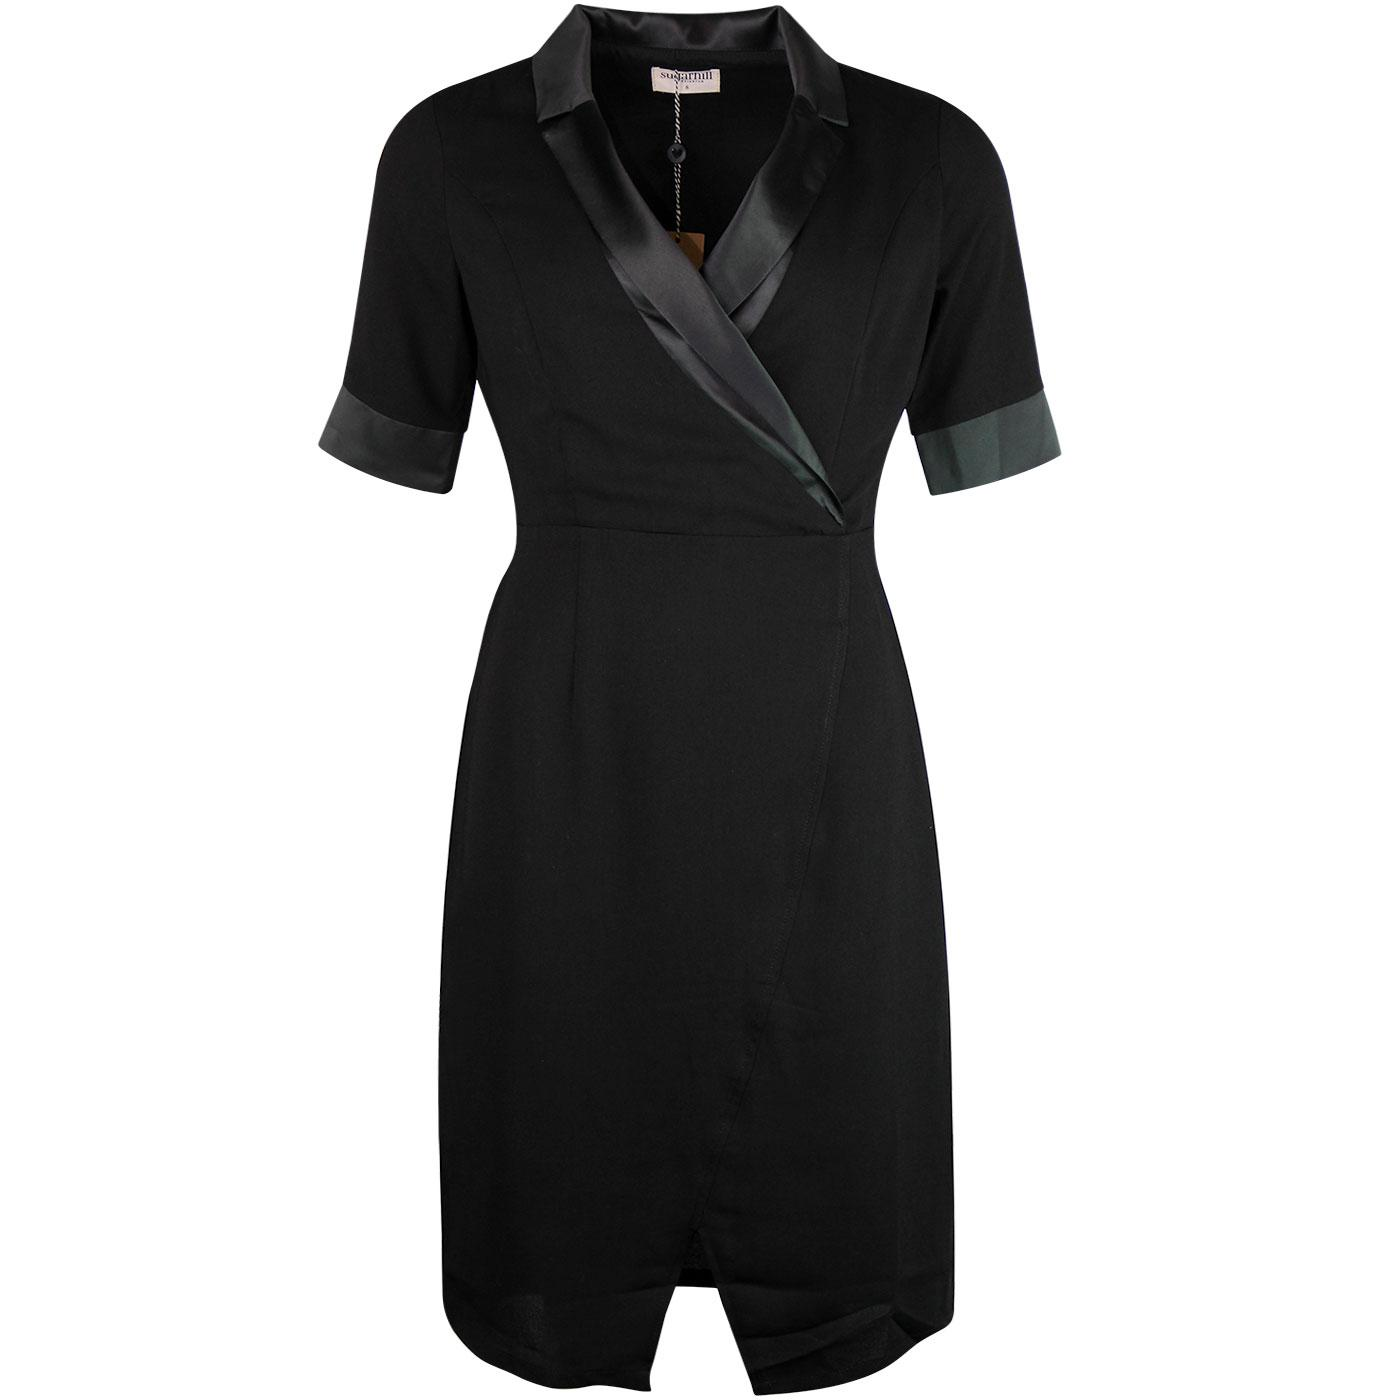 Corinne SUGARHILL BRIGHTON Tuxedo Dress Black